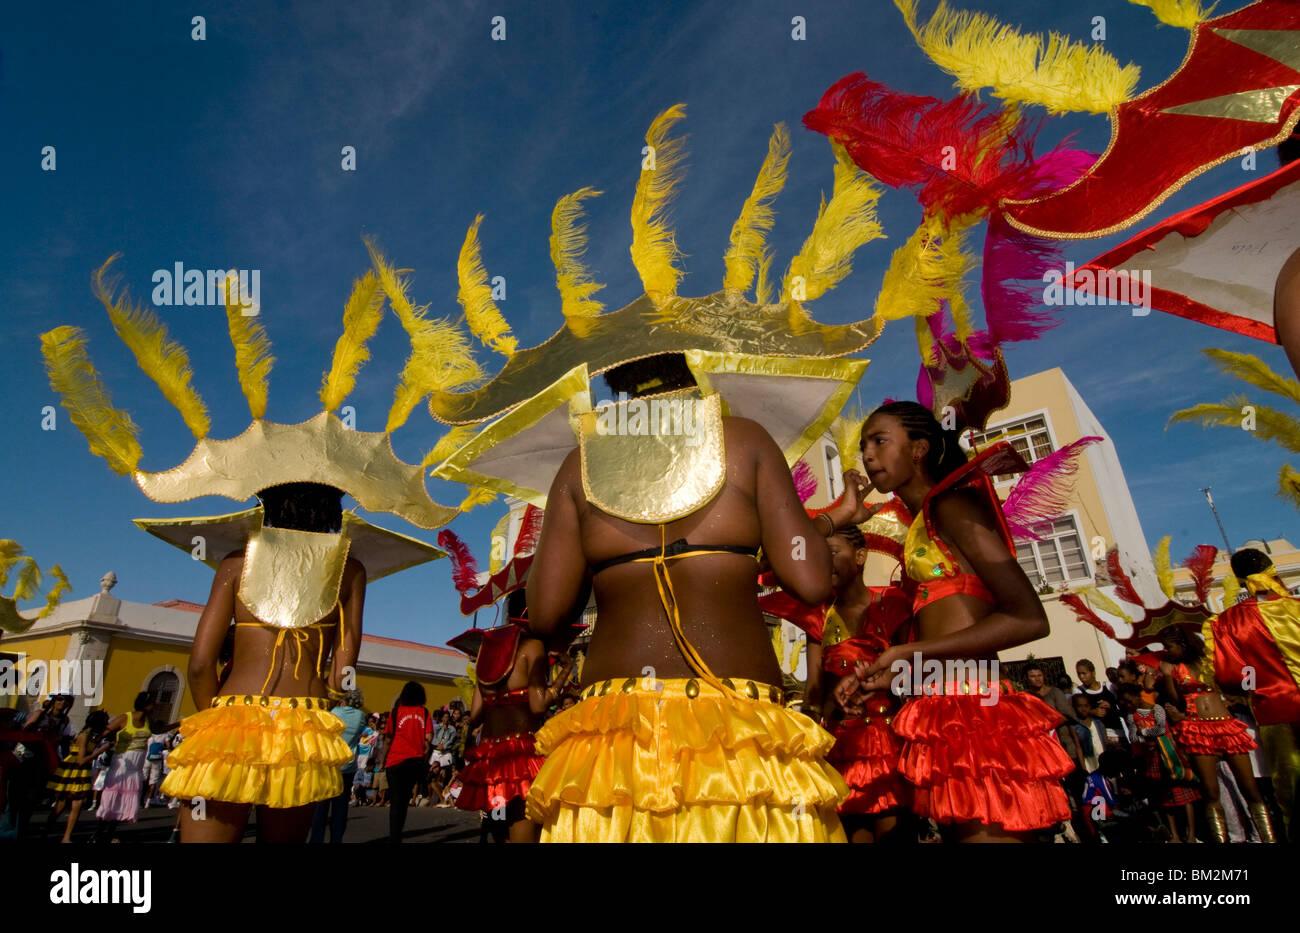 Les femmes en costume de carnaval haut en couleurs, danse, Mindelo Sao Vicente, Cap Vert Photo Stock